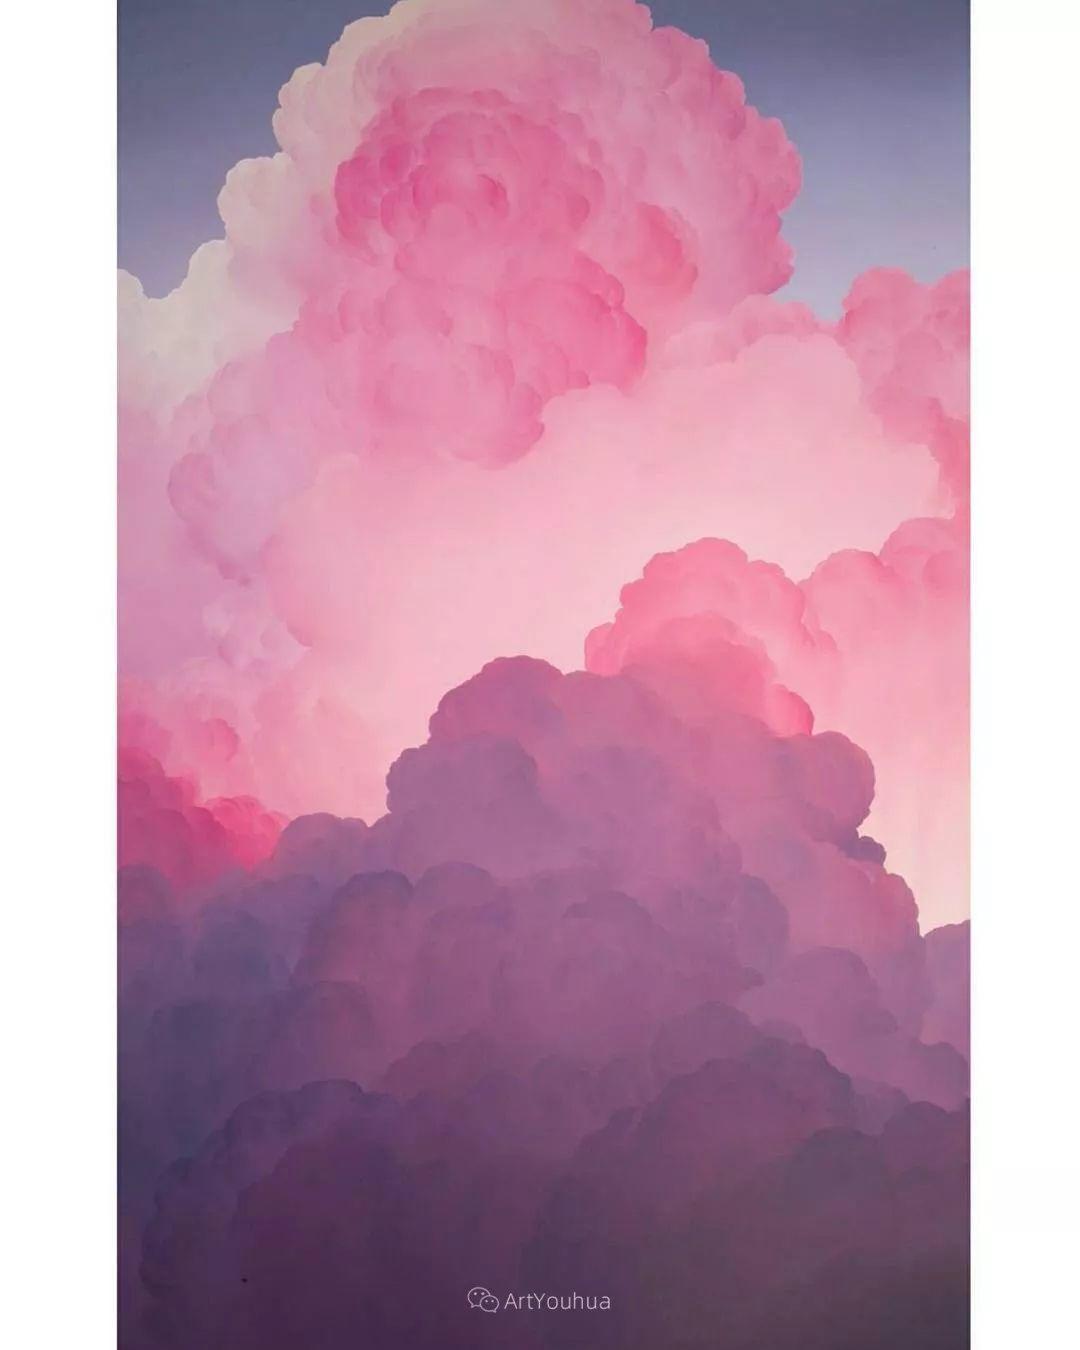 天空,是充满神秘的灵感,十年执着于画一朵云——伊恩·费舍尔插图19